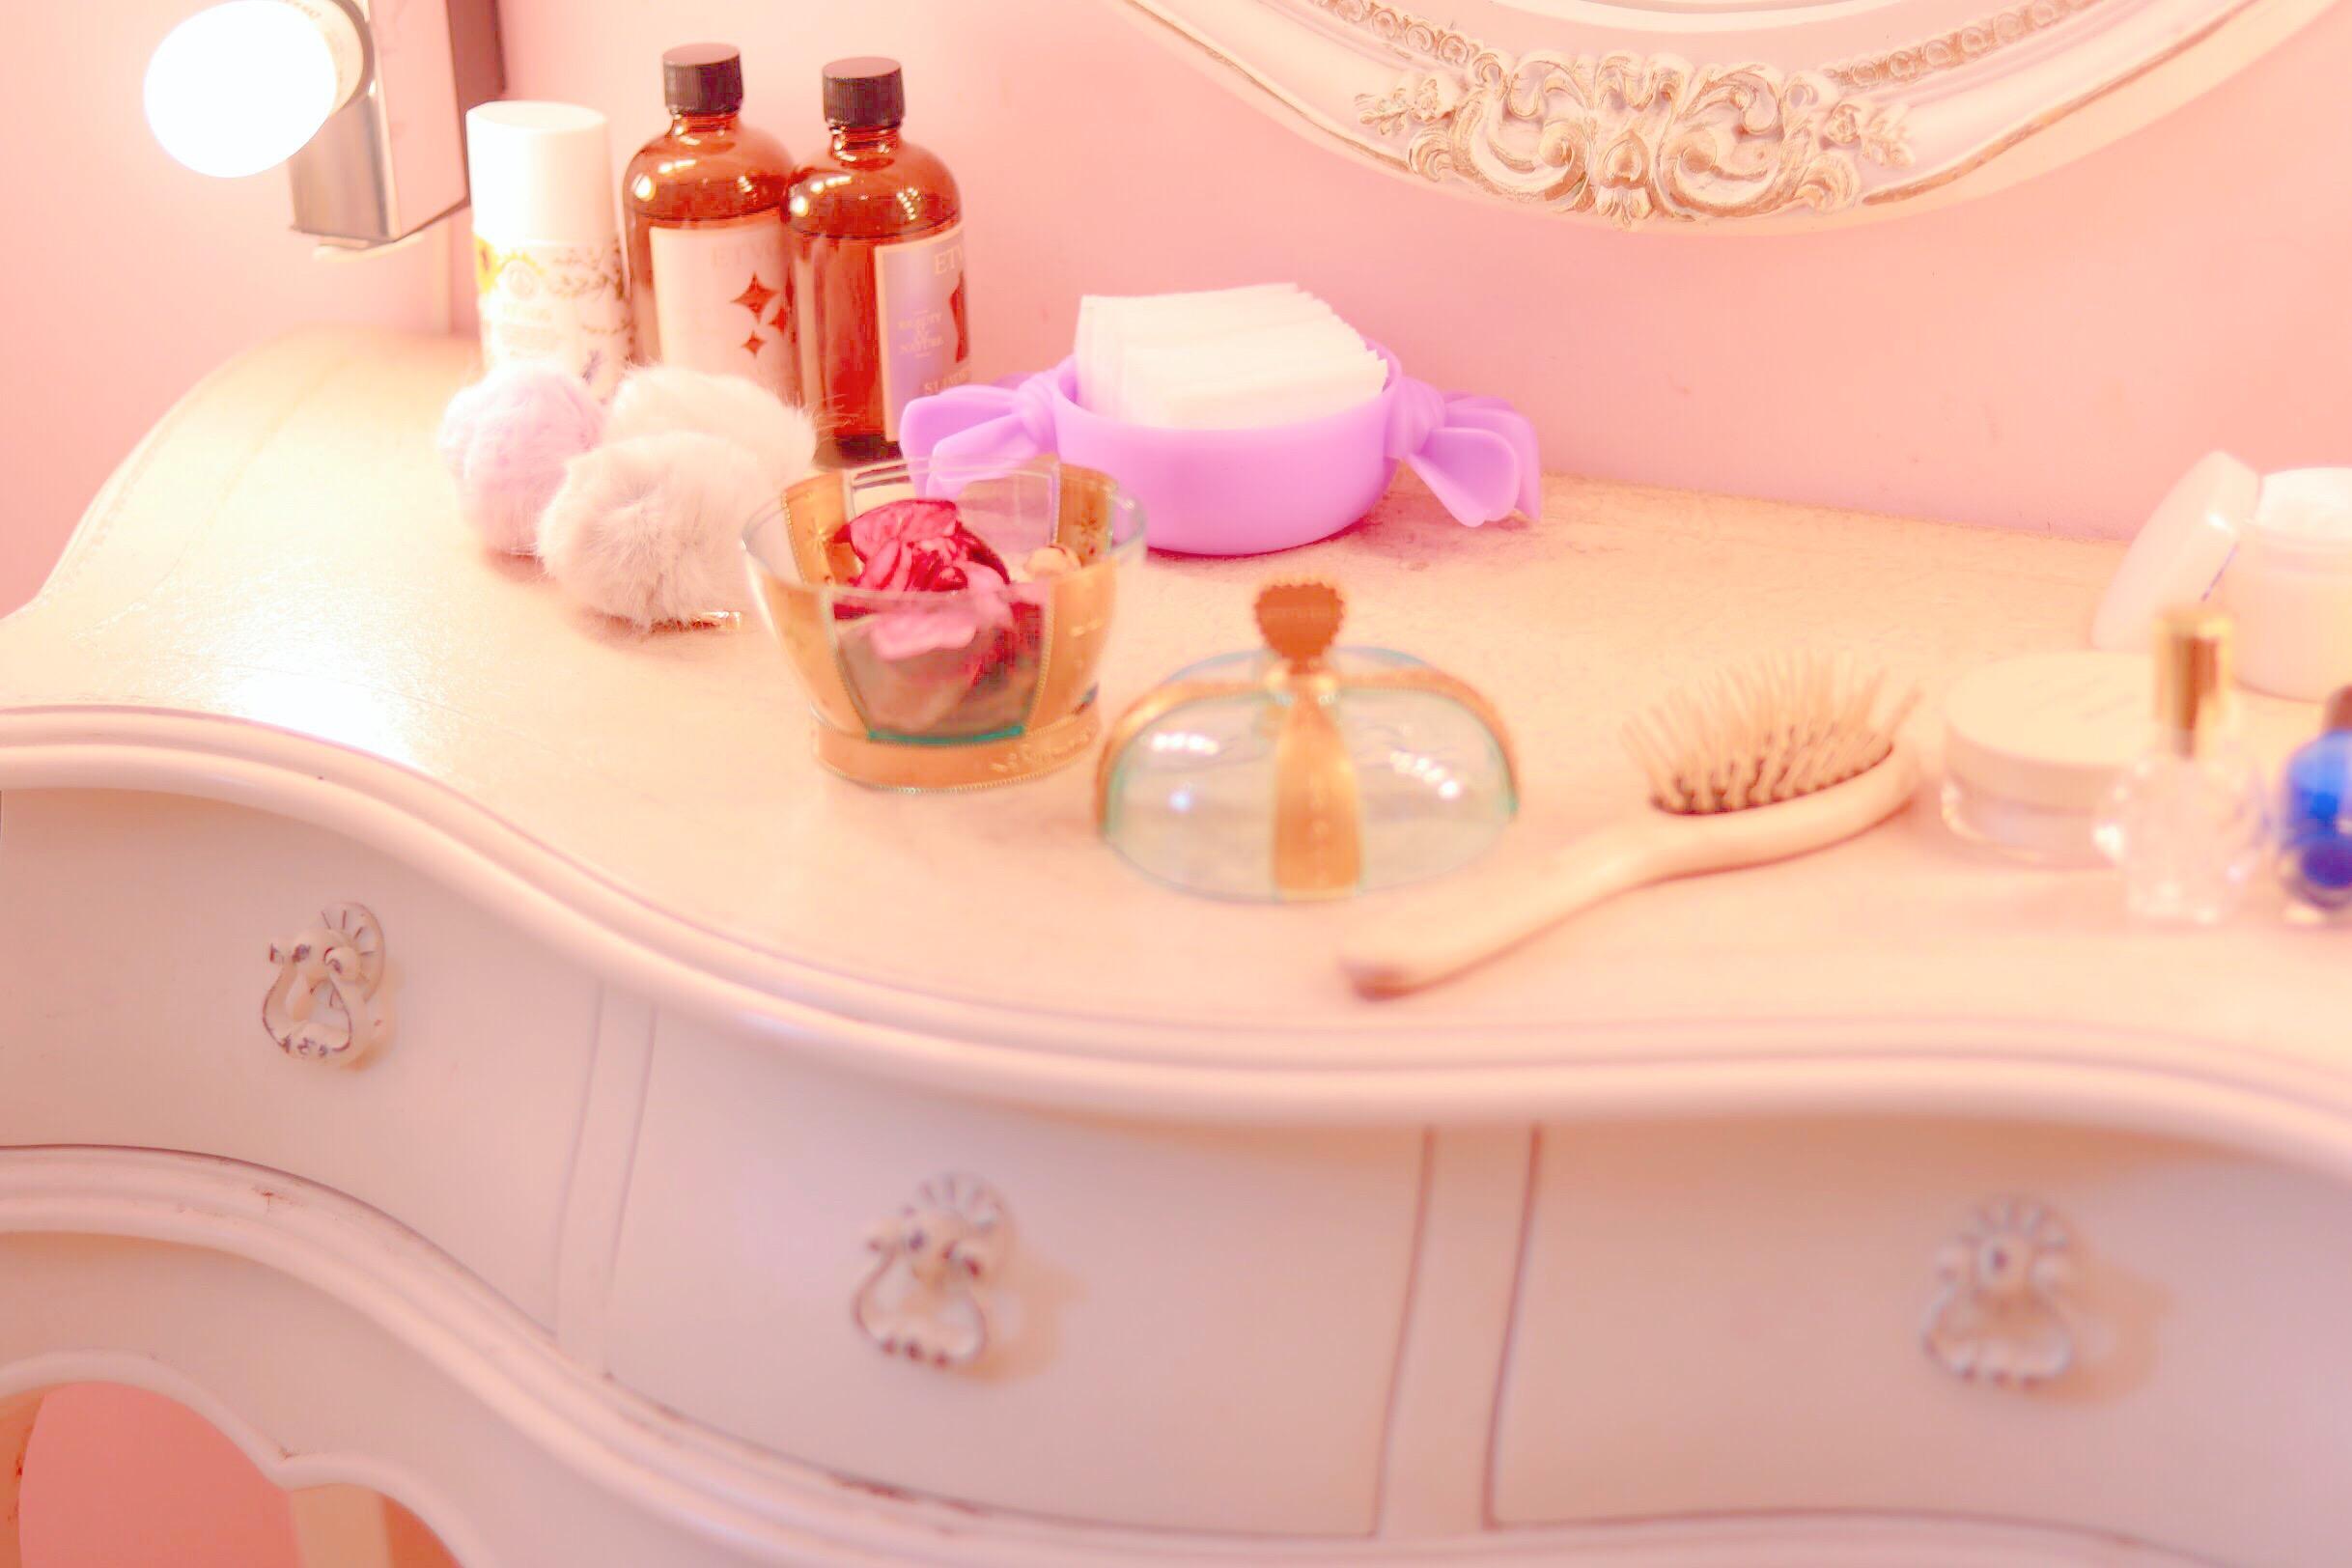 可愛い部屋のイメージの画像